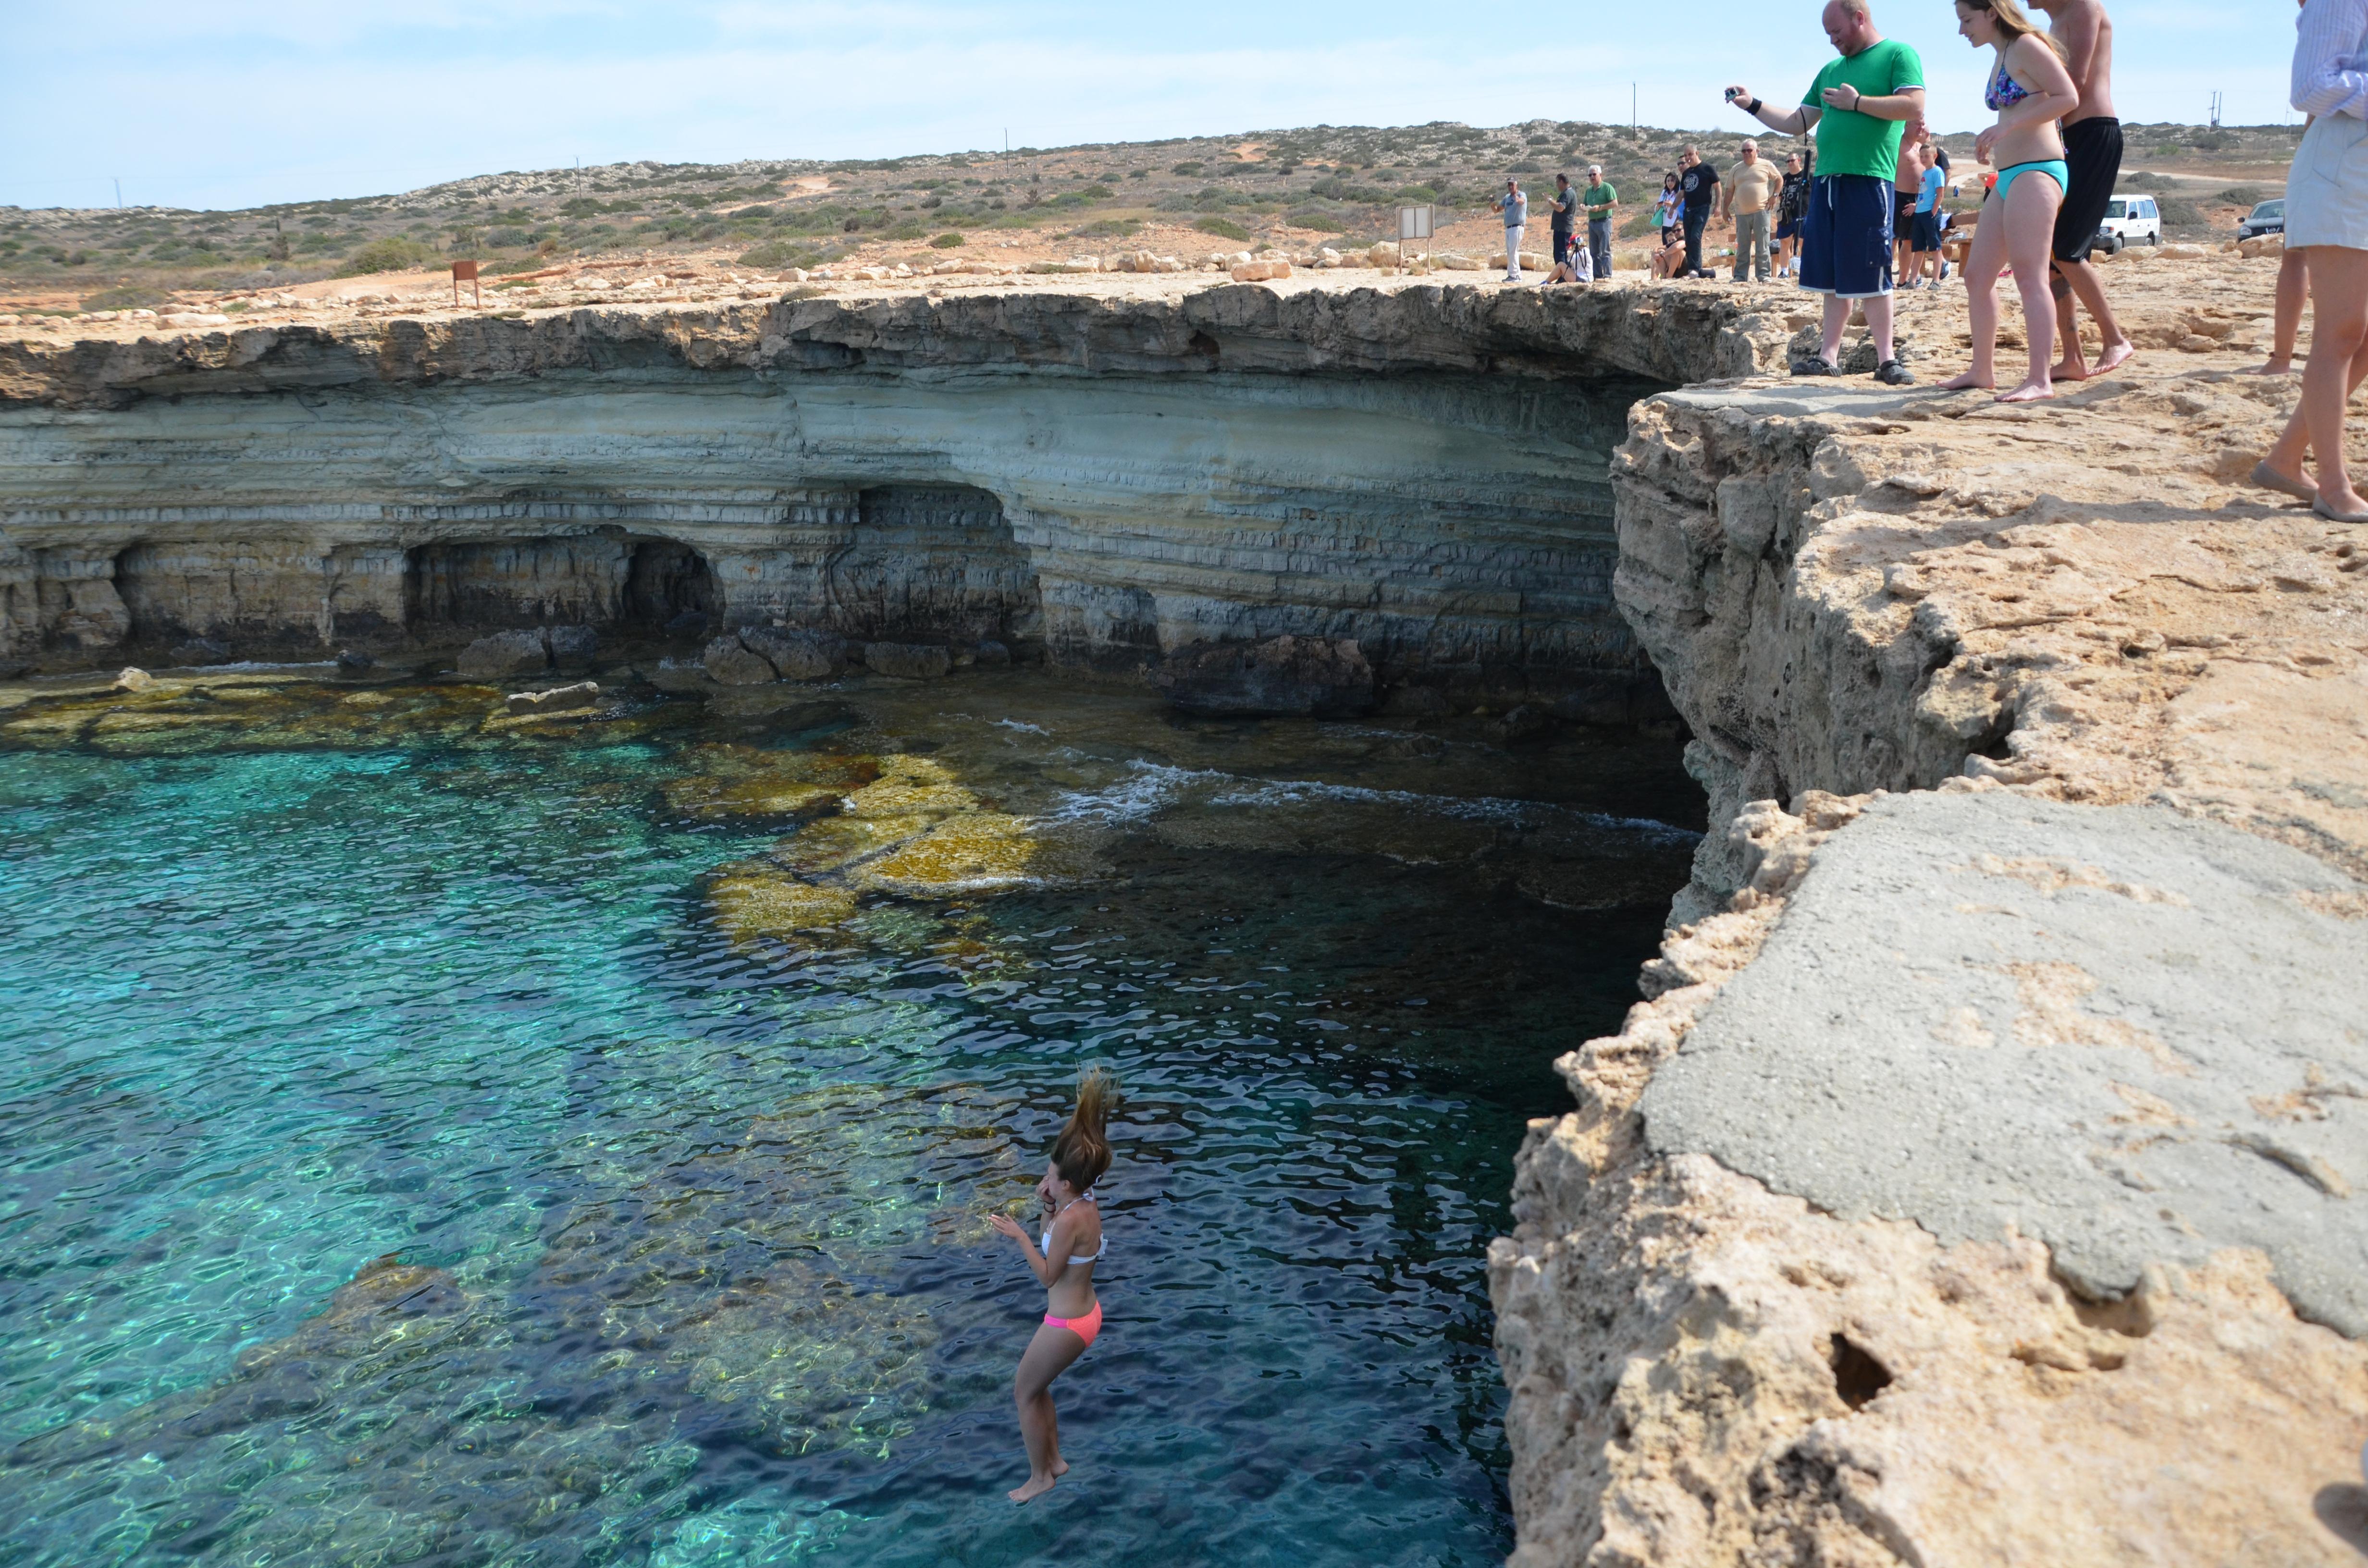 Skákanie z útesu do mora na Cypruse